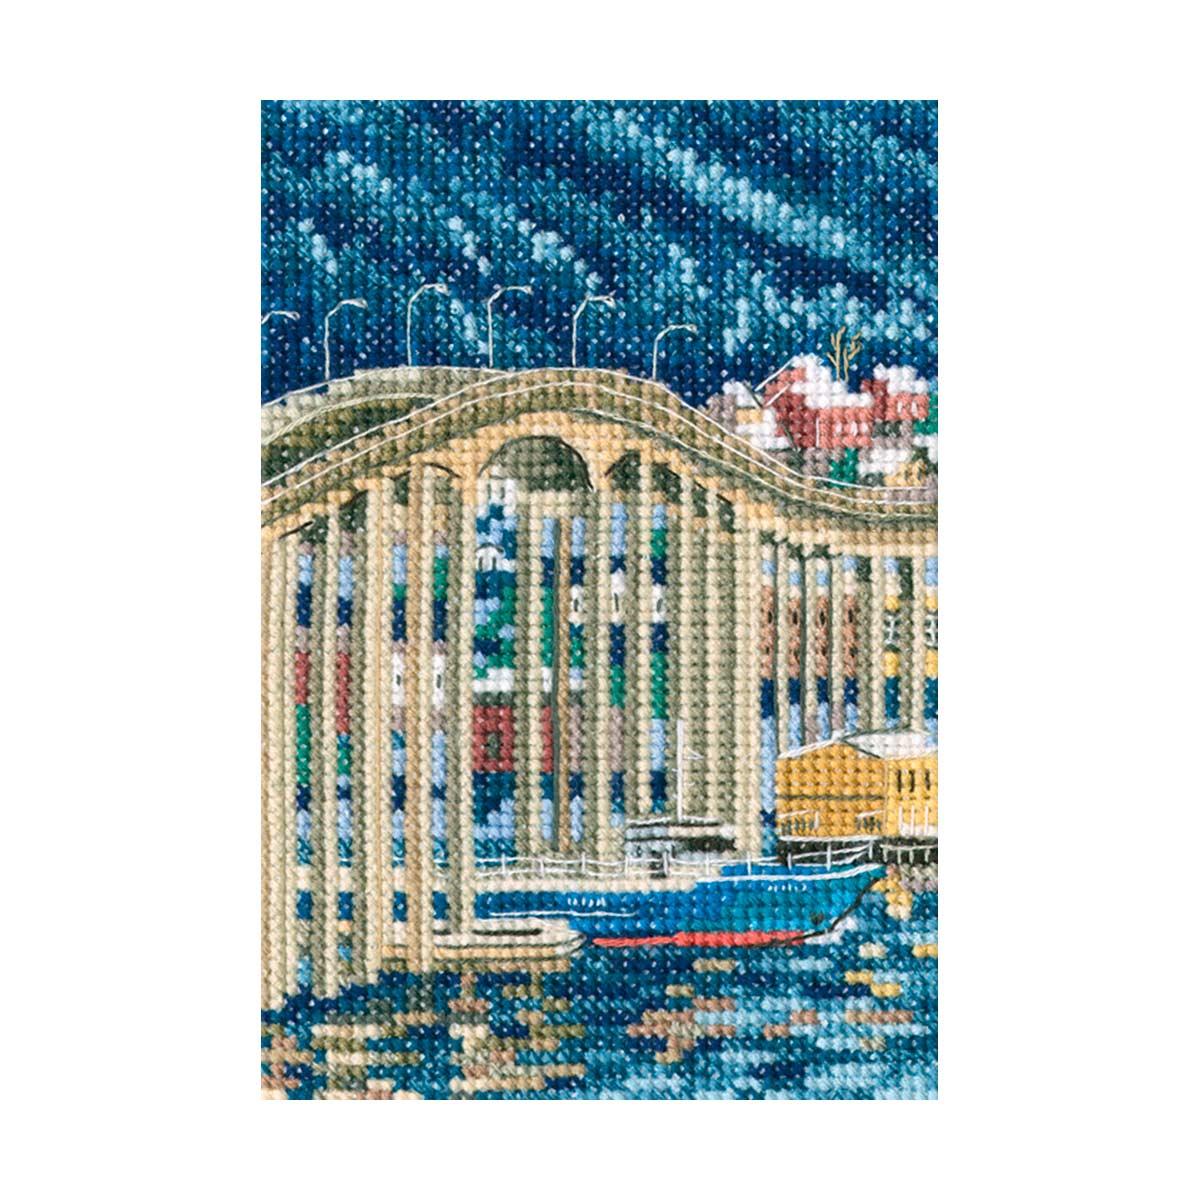 С308 Набор для вышивания РТО 'Тасманский мост'9x13,5см